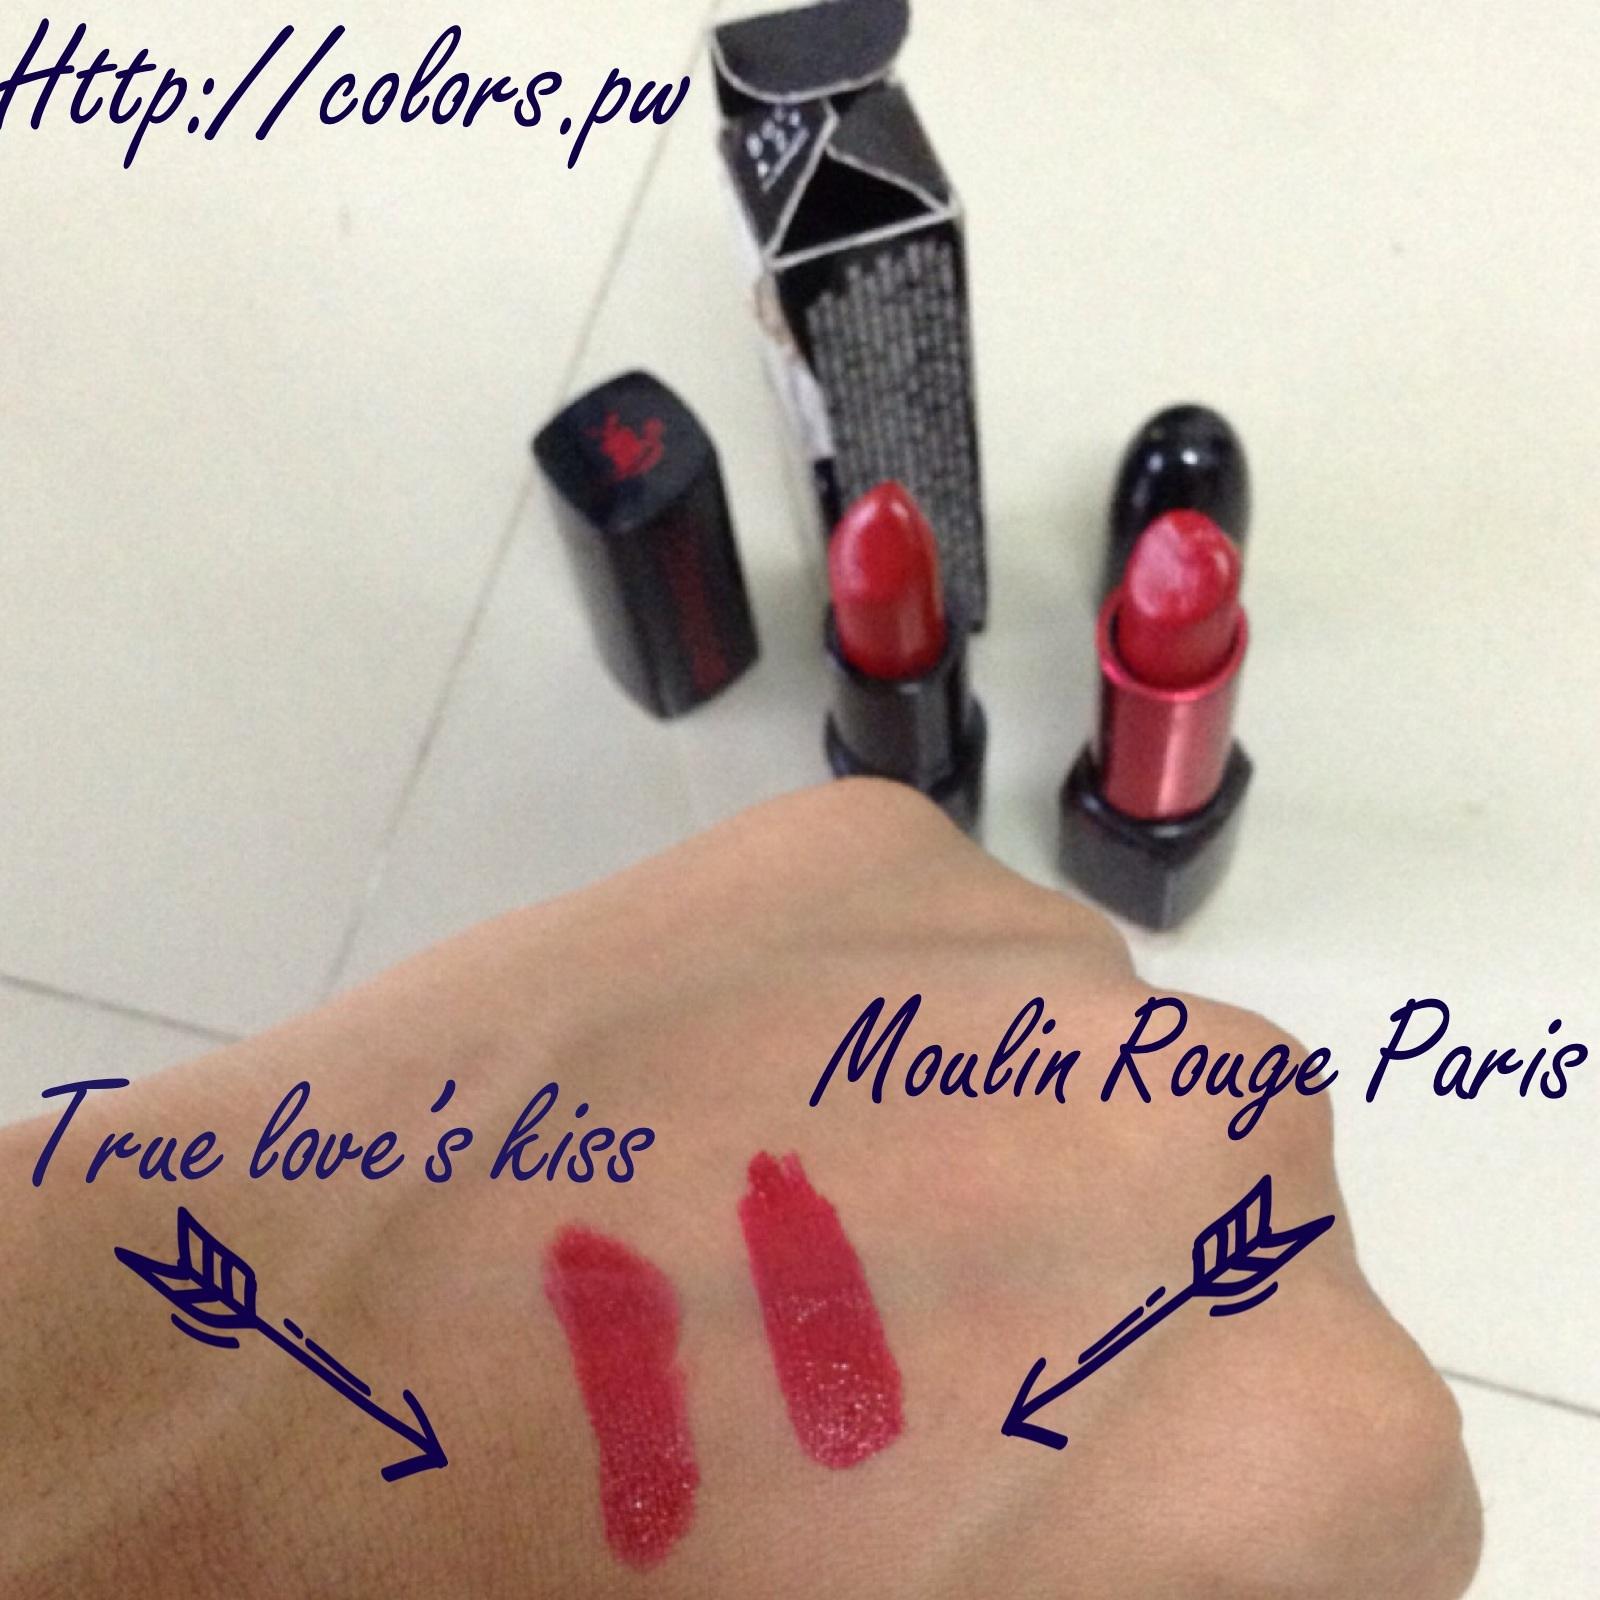 succo genio Fa i lavori domestici  Make-up Forever Moulin Rouge Artist Intense Lipstick (#43) vs Mac ...